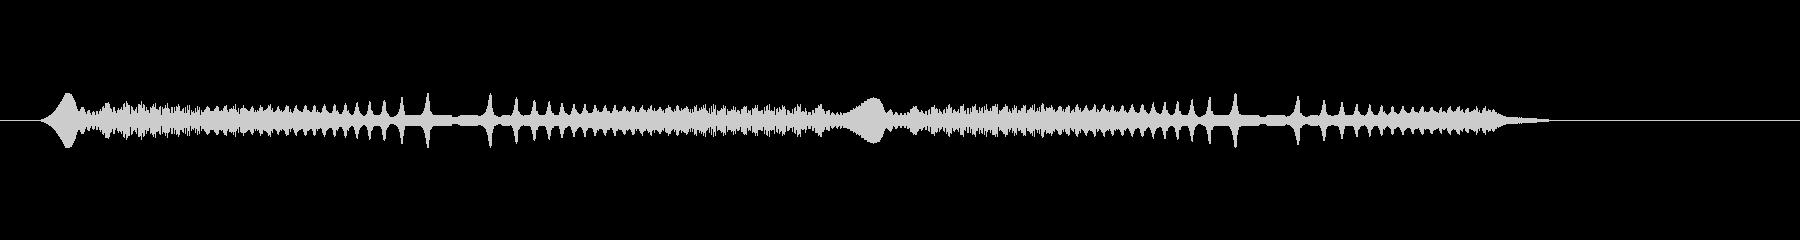 フィードバックビープ音-SFロング...の未再生の波形